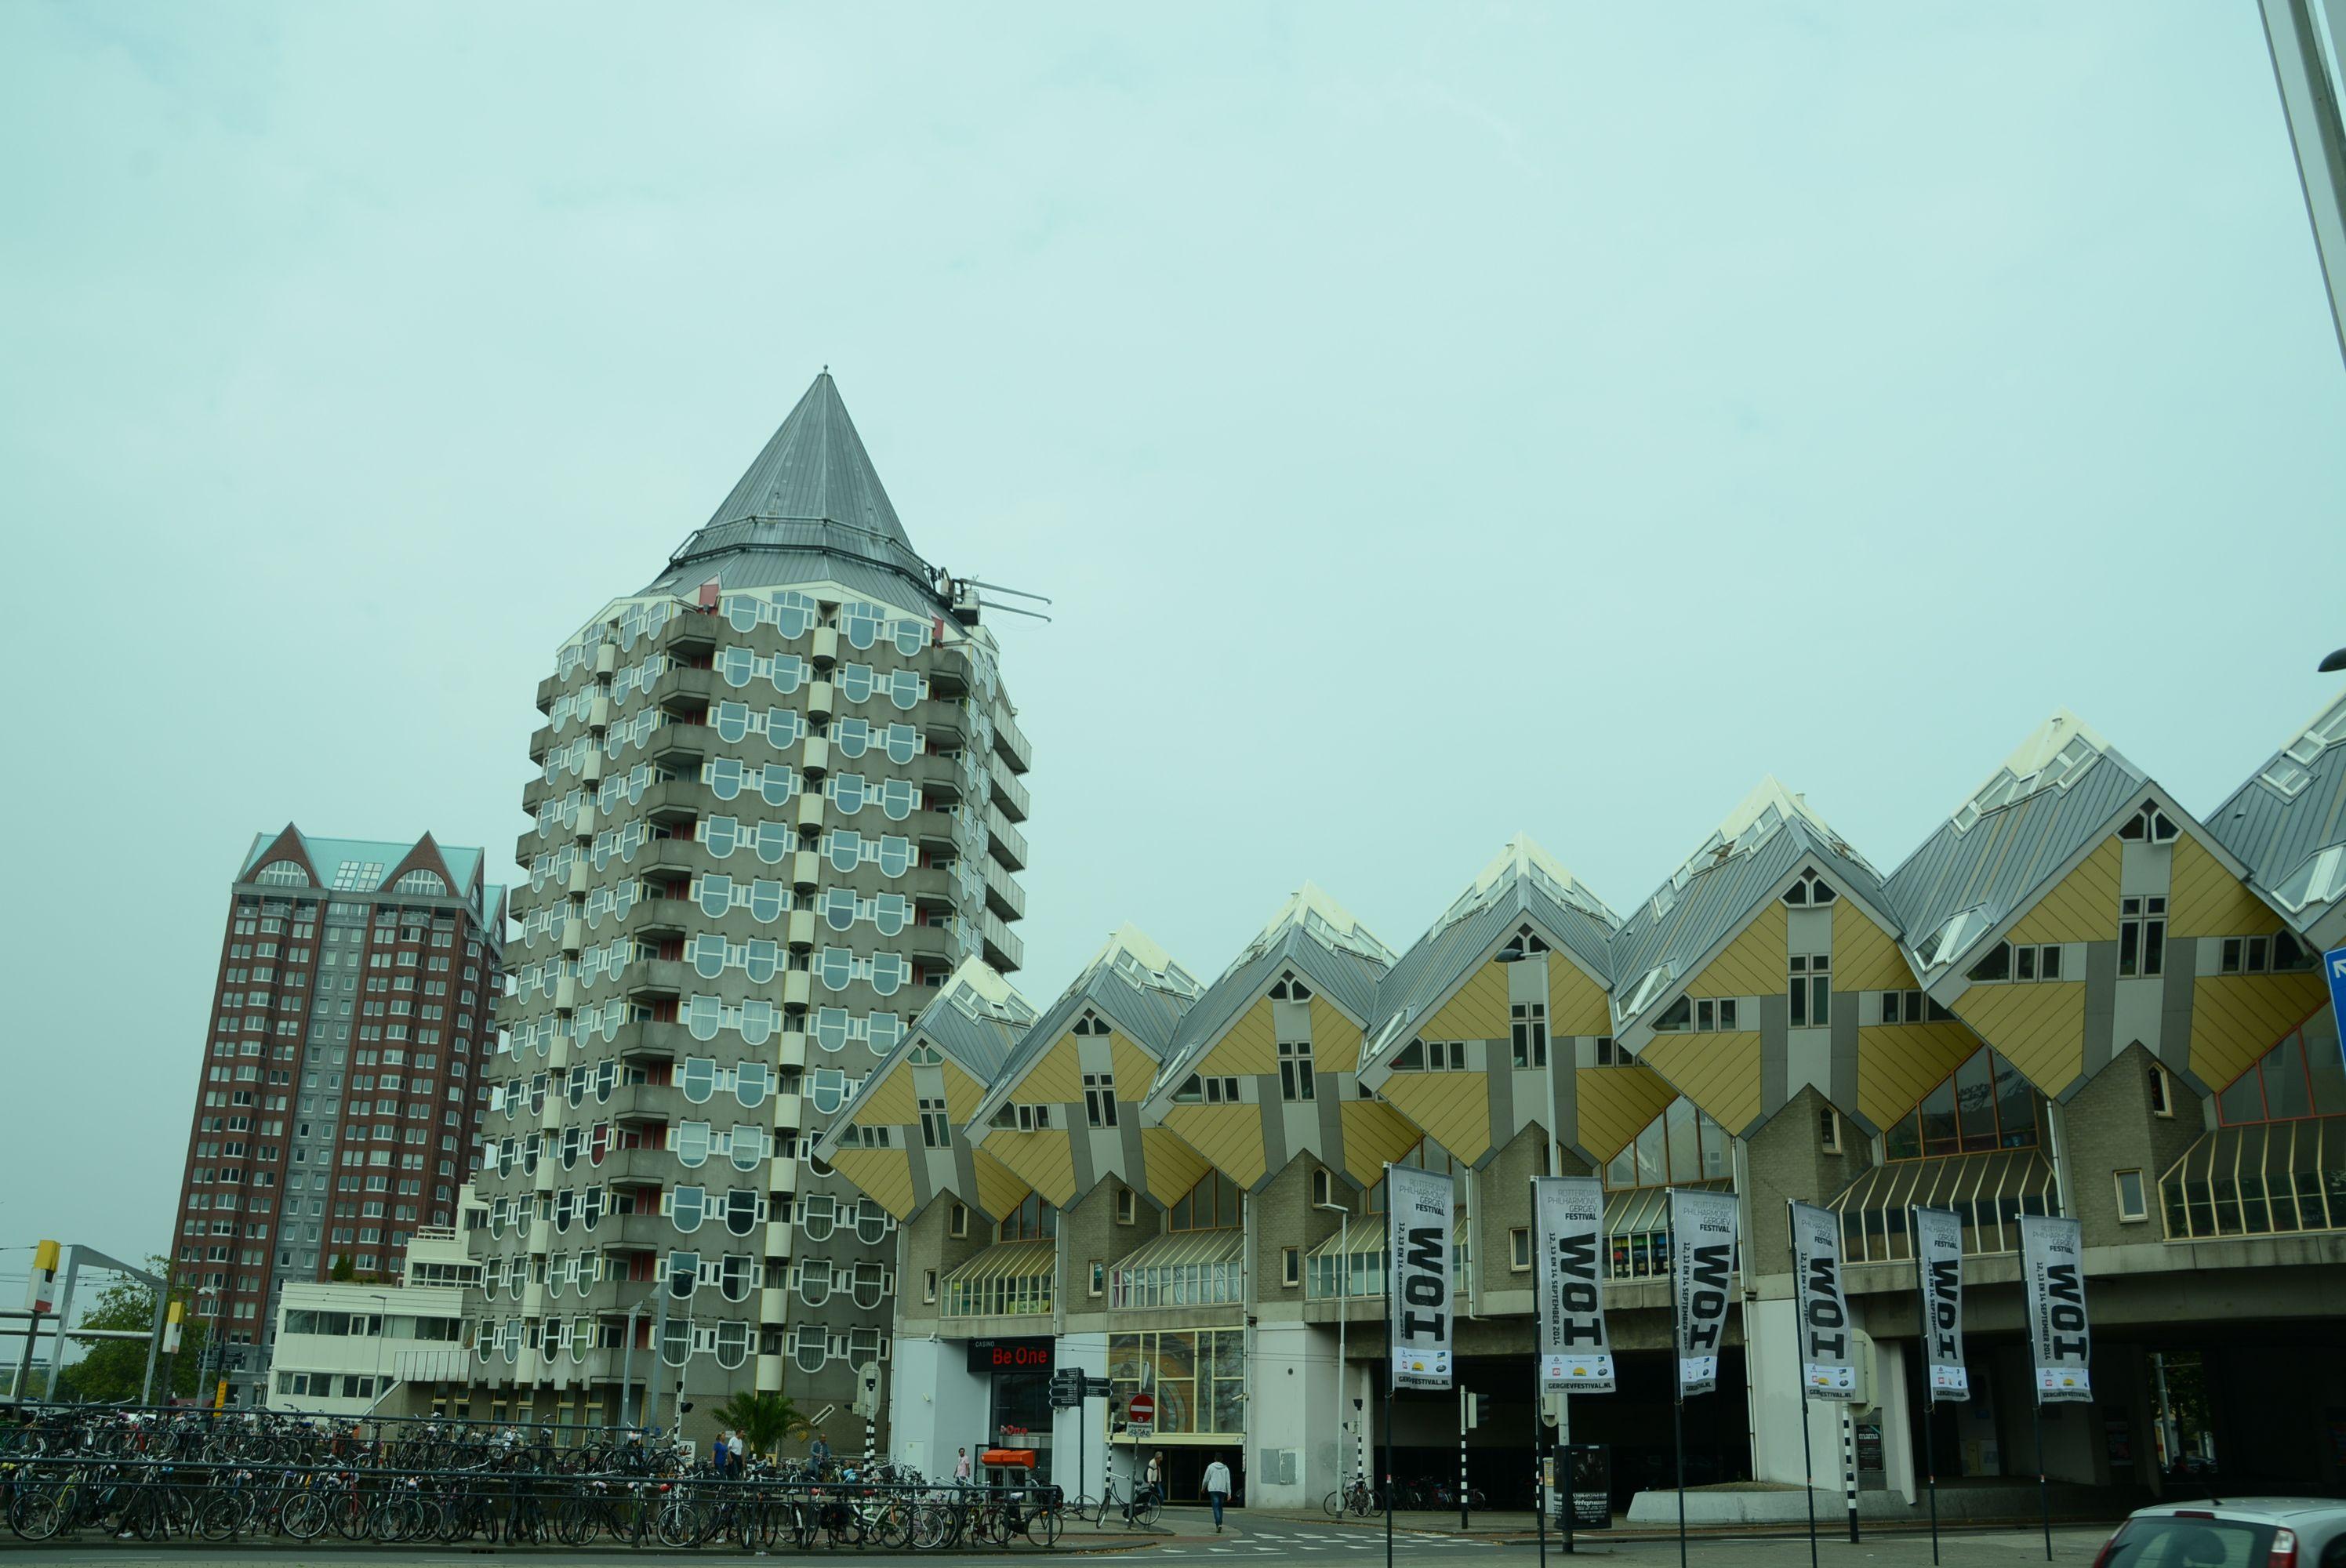 Rotterdam Markthalle MVRDV GrachtenundGiebelHollandBlogNiederlandeRalfJohnenZuidHollandArchitekturKoolhaas02